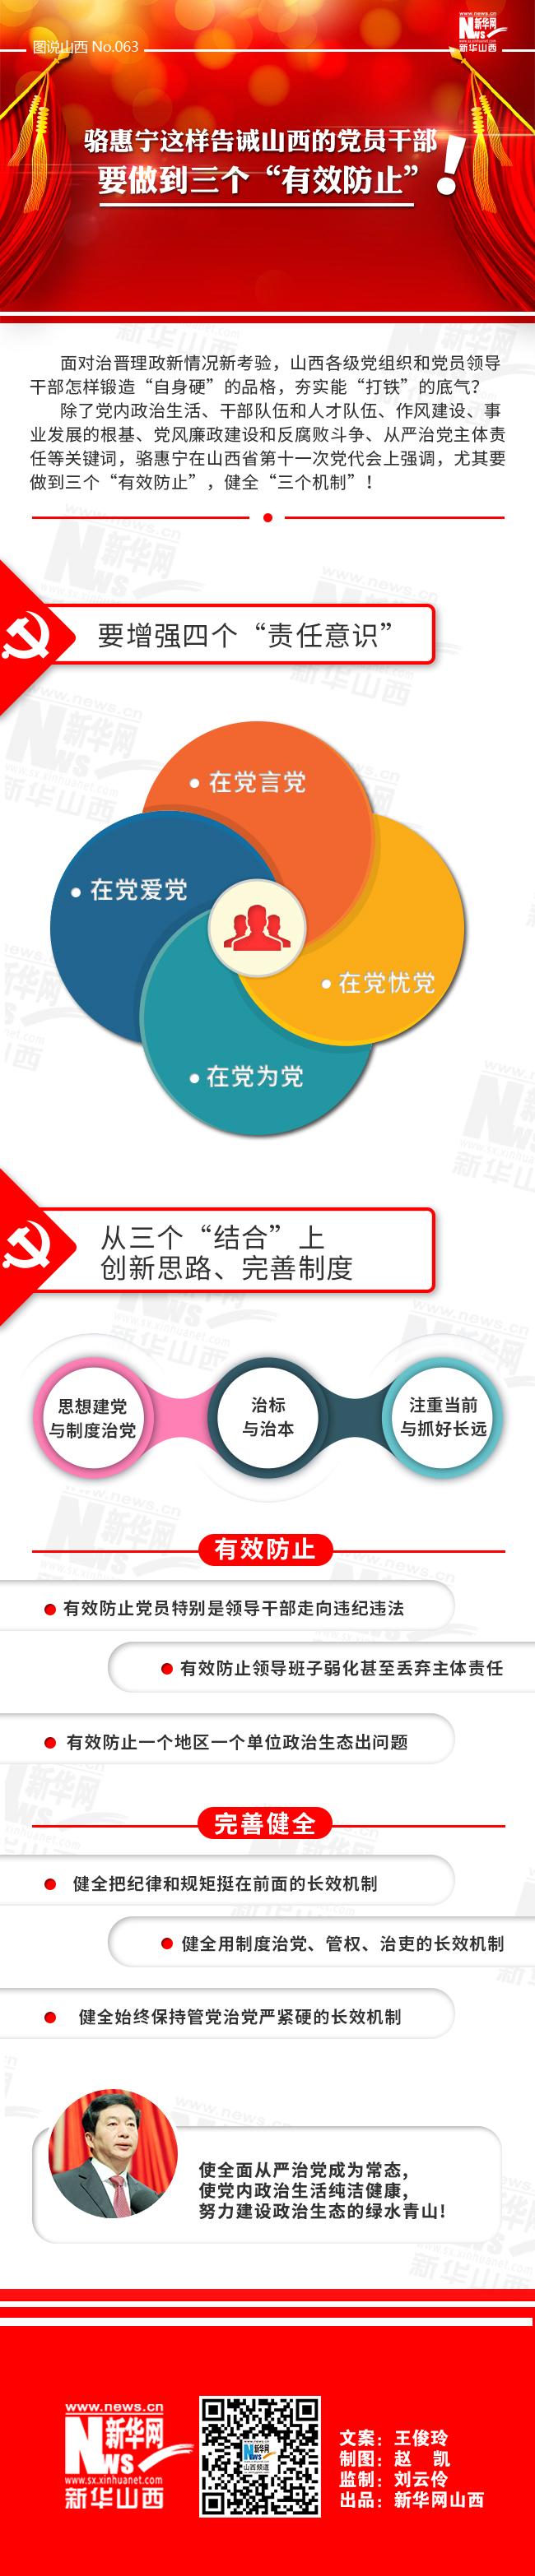 【图说】骆惠宁告诫山西的党员干部,要做到三个 有效防止 !